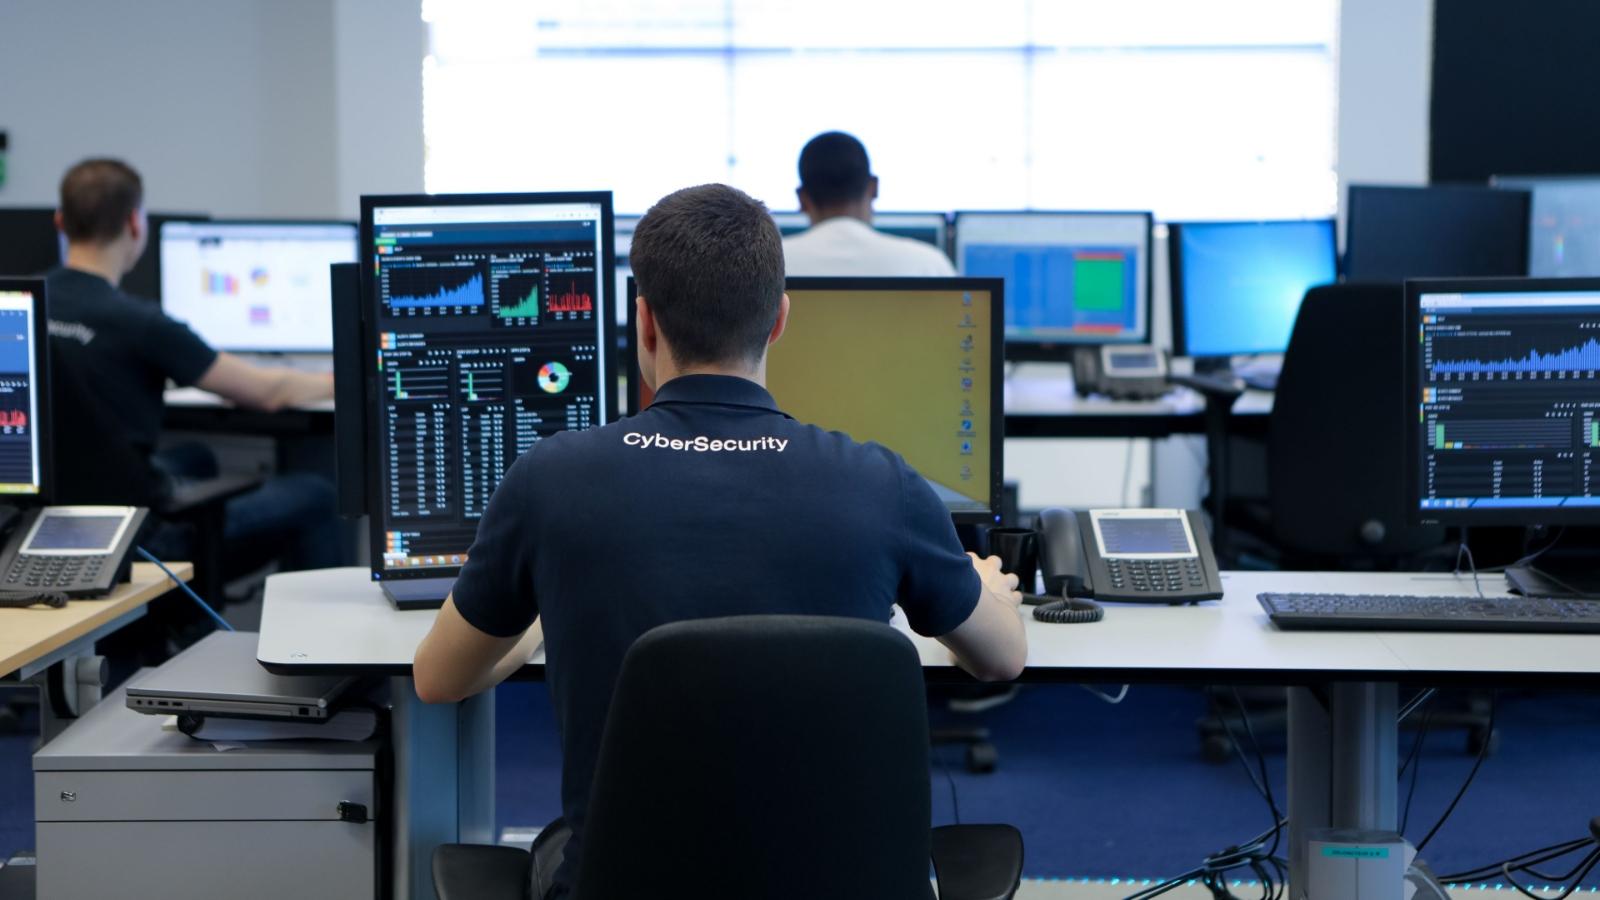 Cybersécurité : Thales et Airbus s'associent pour mieux lutter contre les cyberattaques